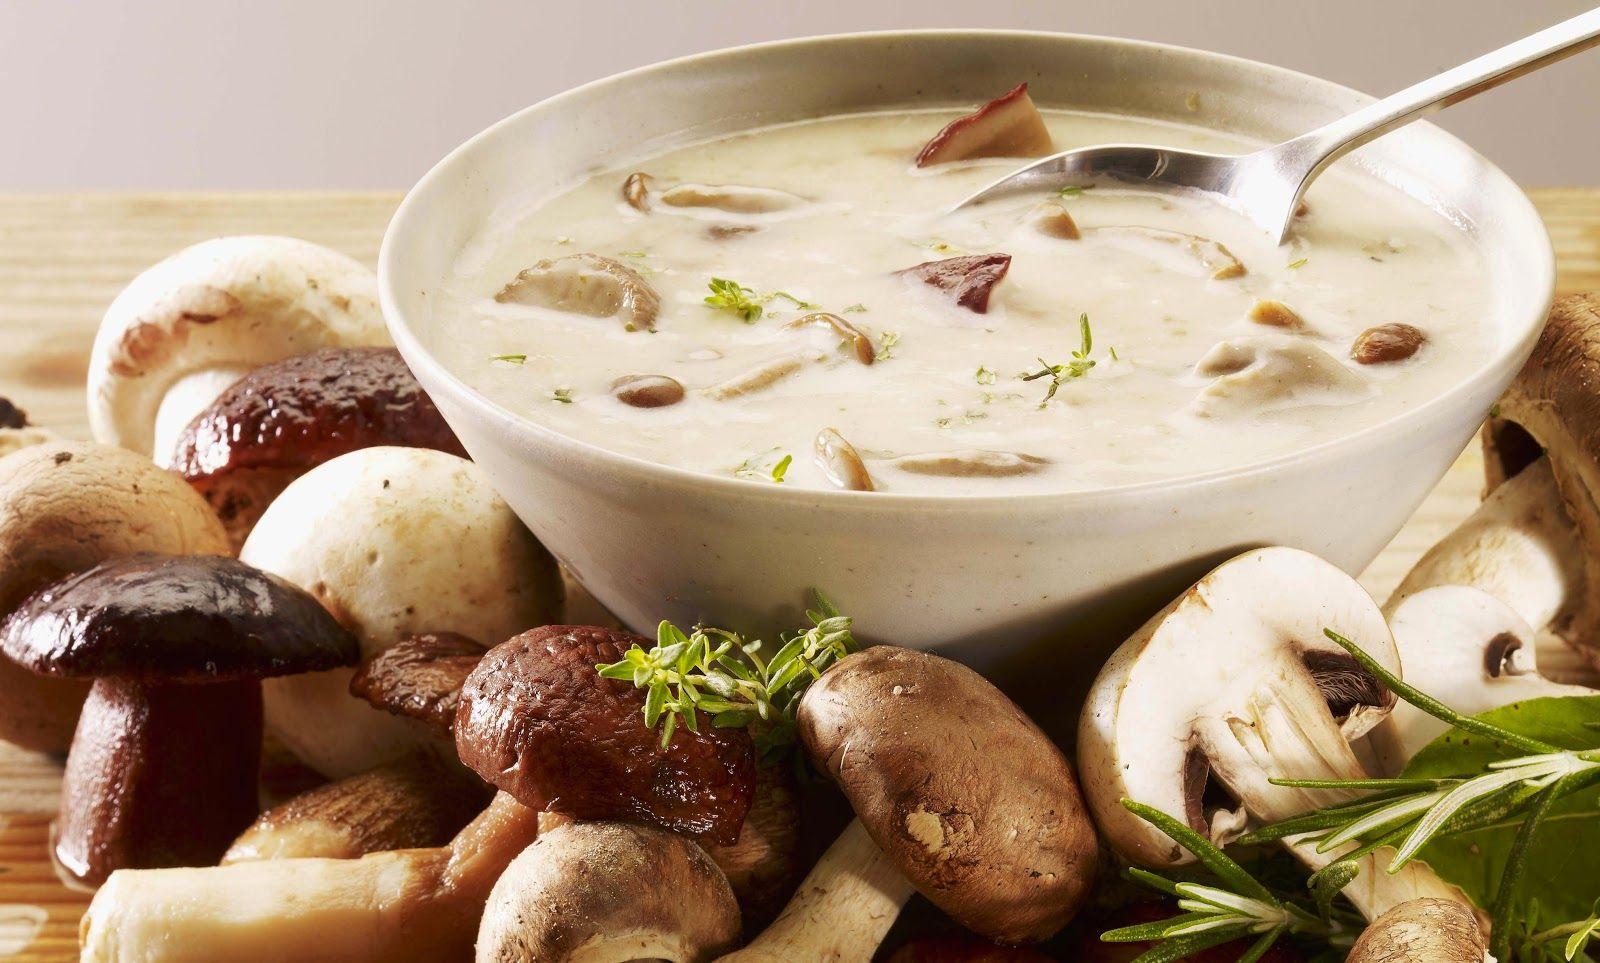 VÌ SAO MẸ NÊN CHỌN NẤM CHO BÉ ĂN??? | Thức ăn, Nấm rơm, Bữa sáng lành mạnh